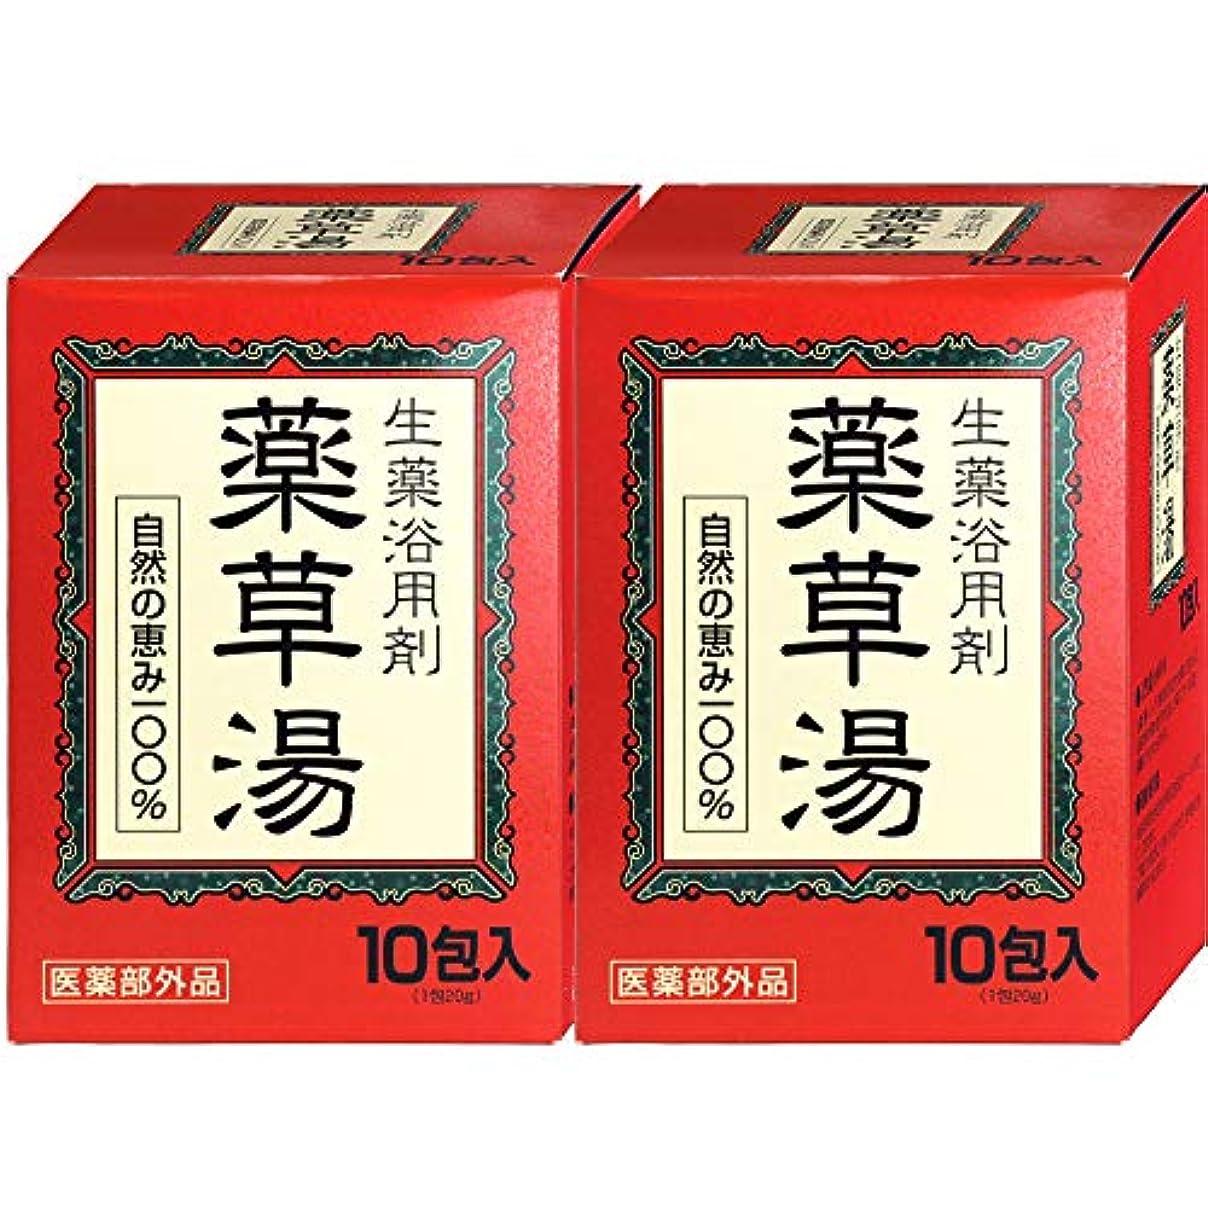 床を掃除するソブリケットポーズ薬草湯 生薬浴用剤 10包入 【2個セット】自然の恵み100% 医薬部外品